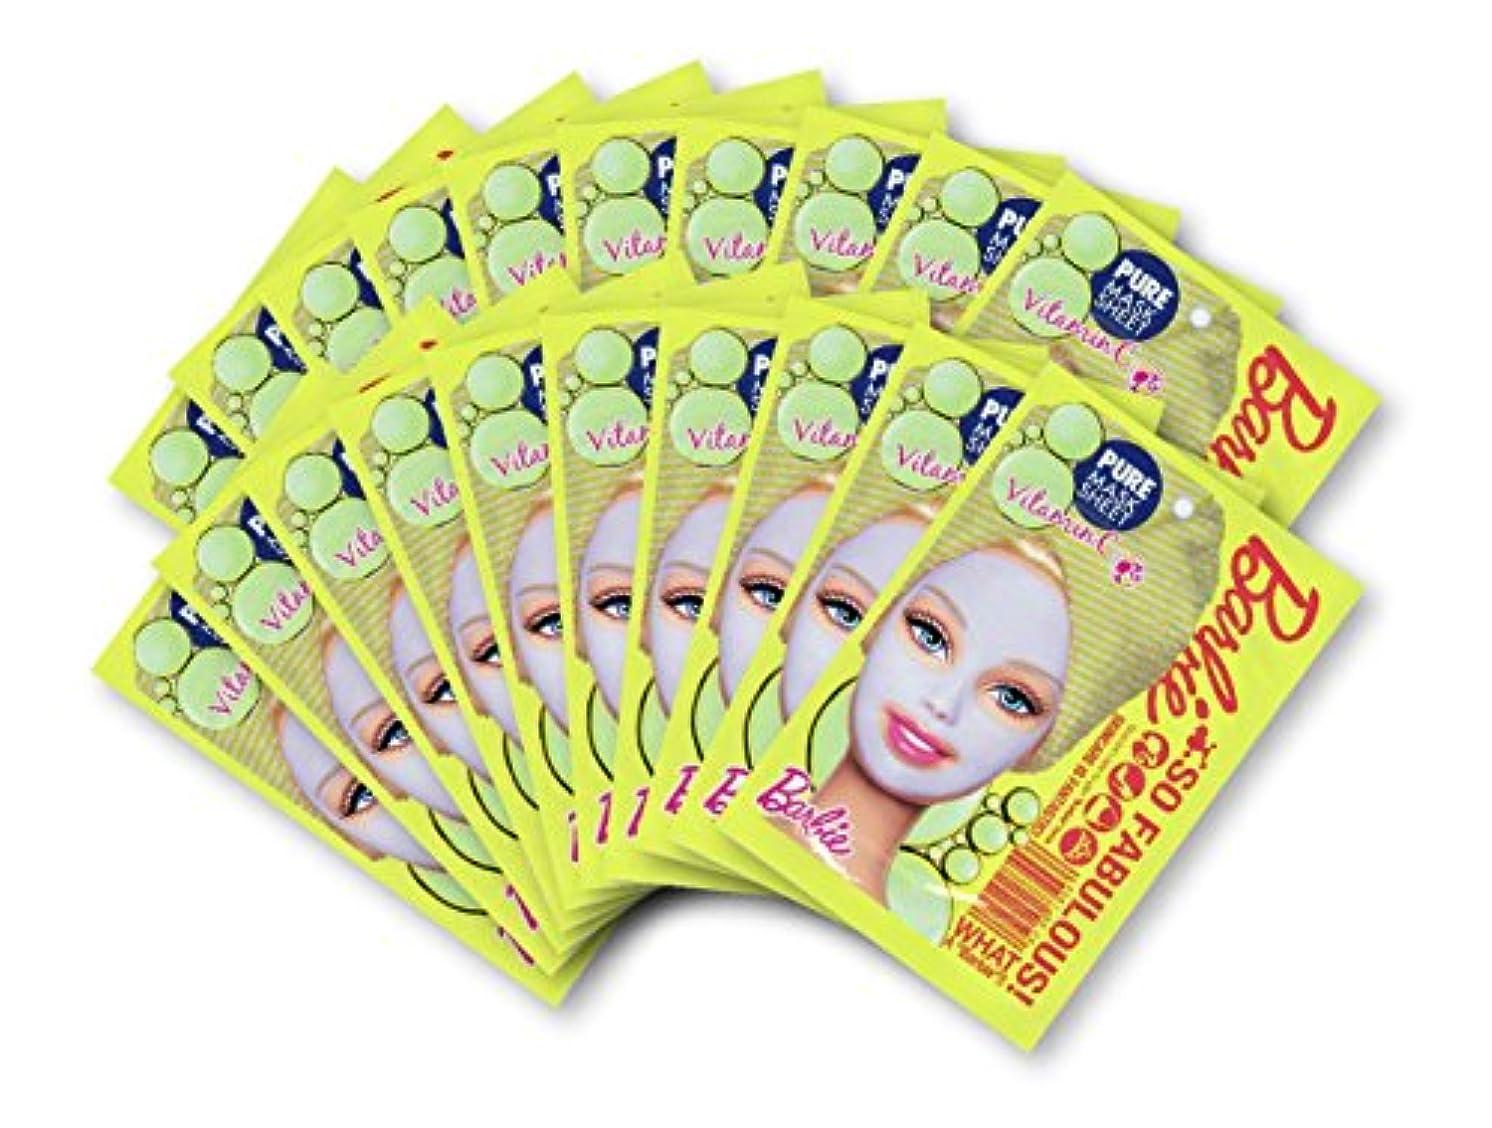 抱擁ソファーハイキングに行くバービー (Barbie) フェイスマスク ピュアマスクシートN (ビタミンC) 25ml×20枚入り [透明感] 顔 シートマスク フェイスパック